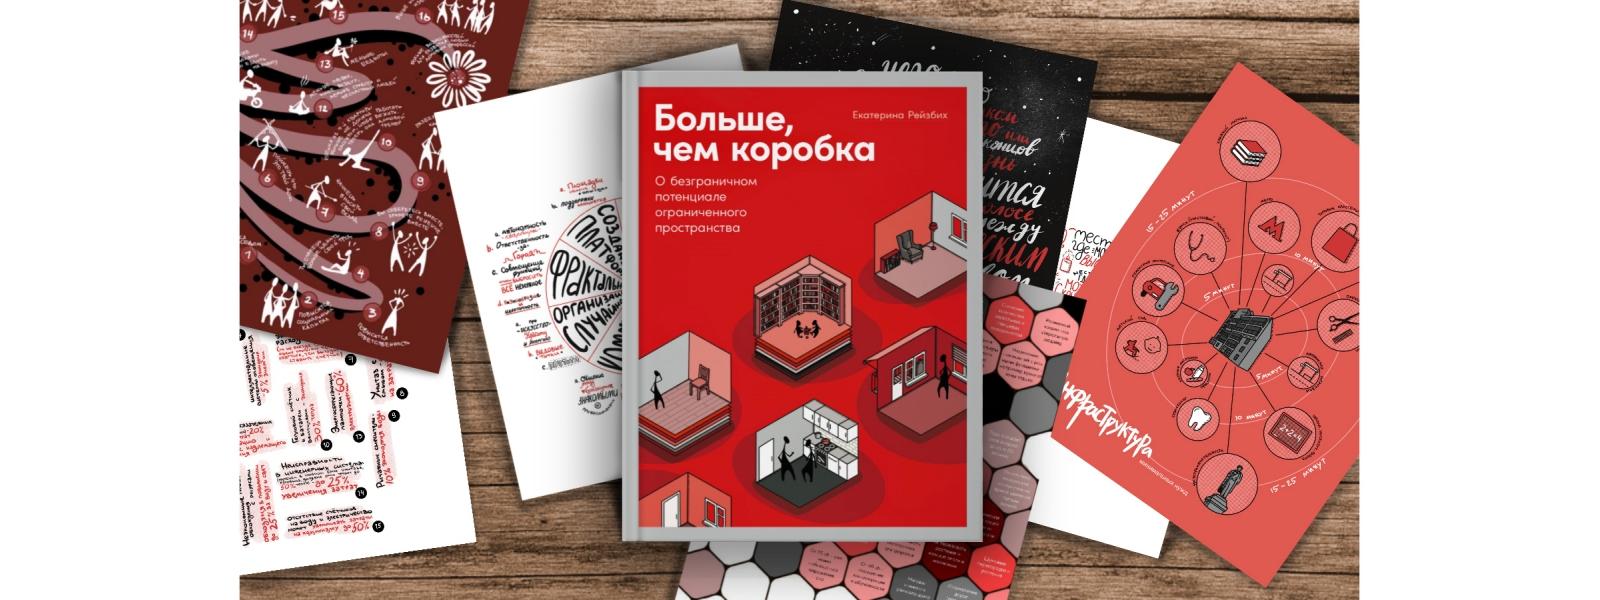 work-Книга в жанре архитектурный нон-фикшн «Больше, чем коробка. О безграничном потенциале ограниченного пространства»